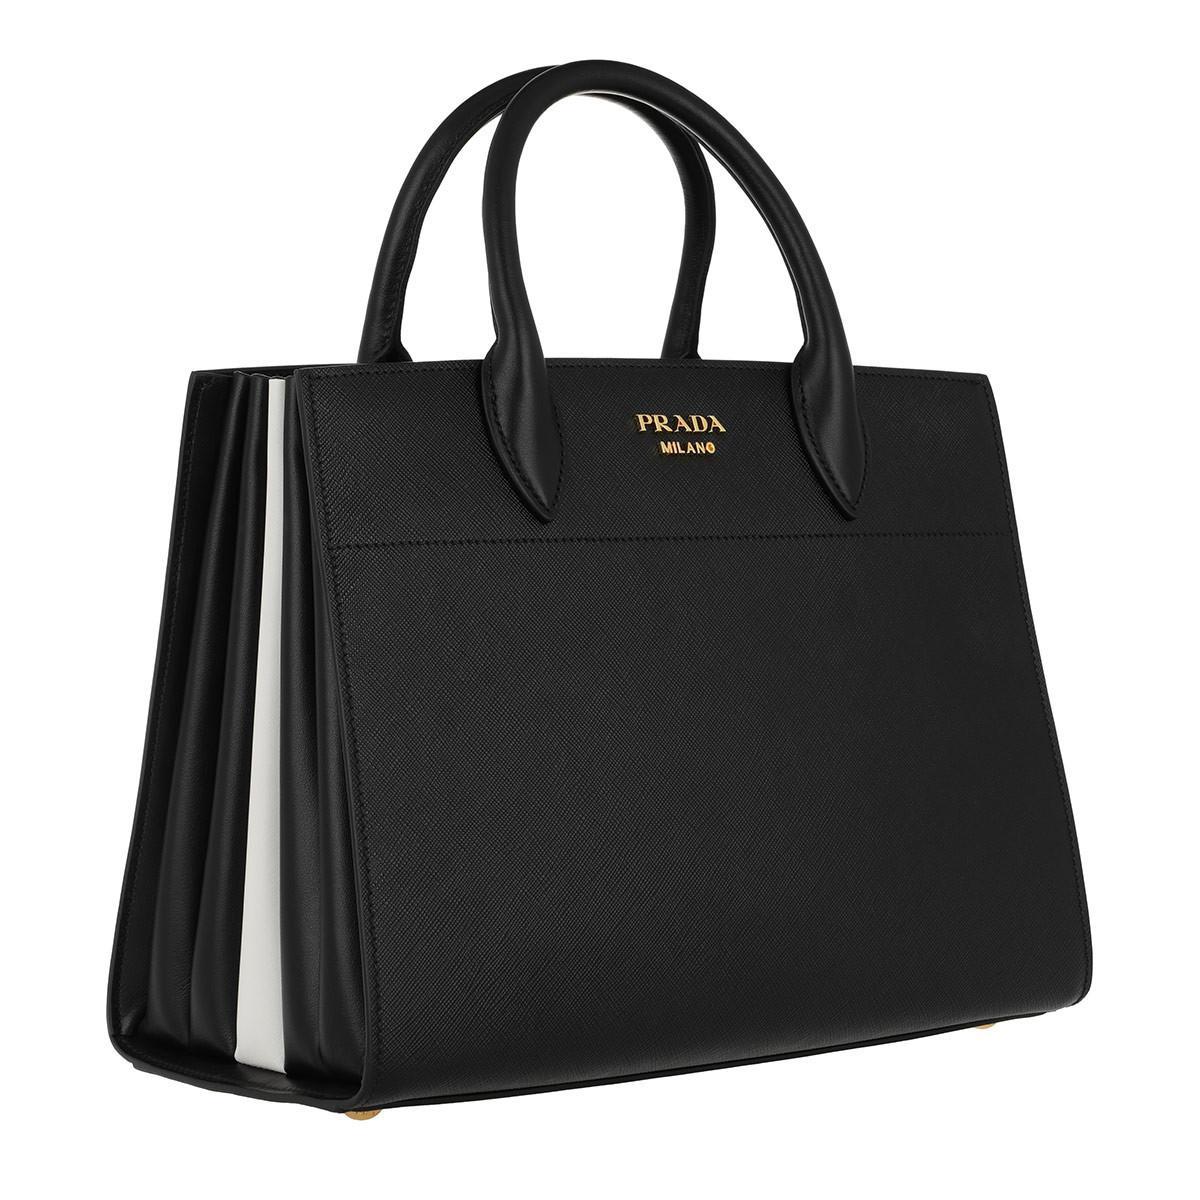 5622b6c09e Prada Tote Saffiano City Calf Leather Nero bianco in Black - Lyst